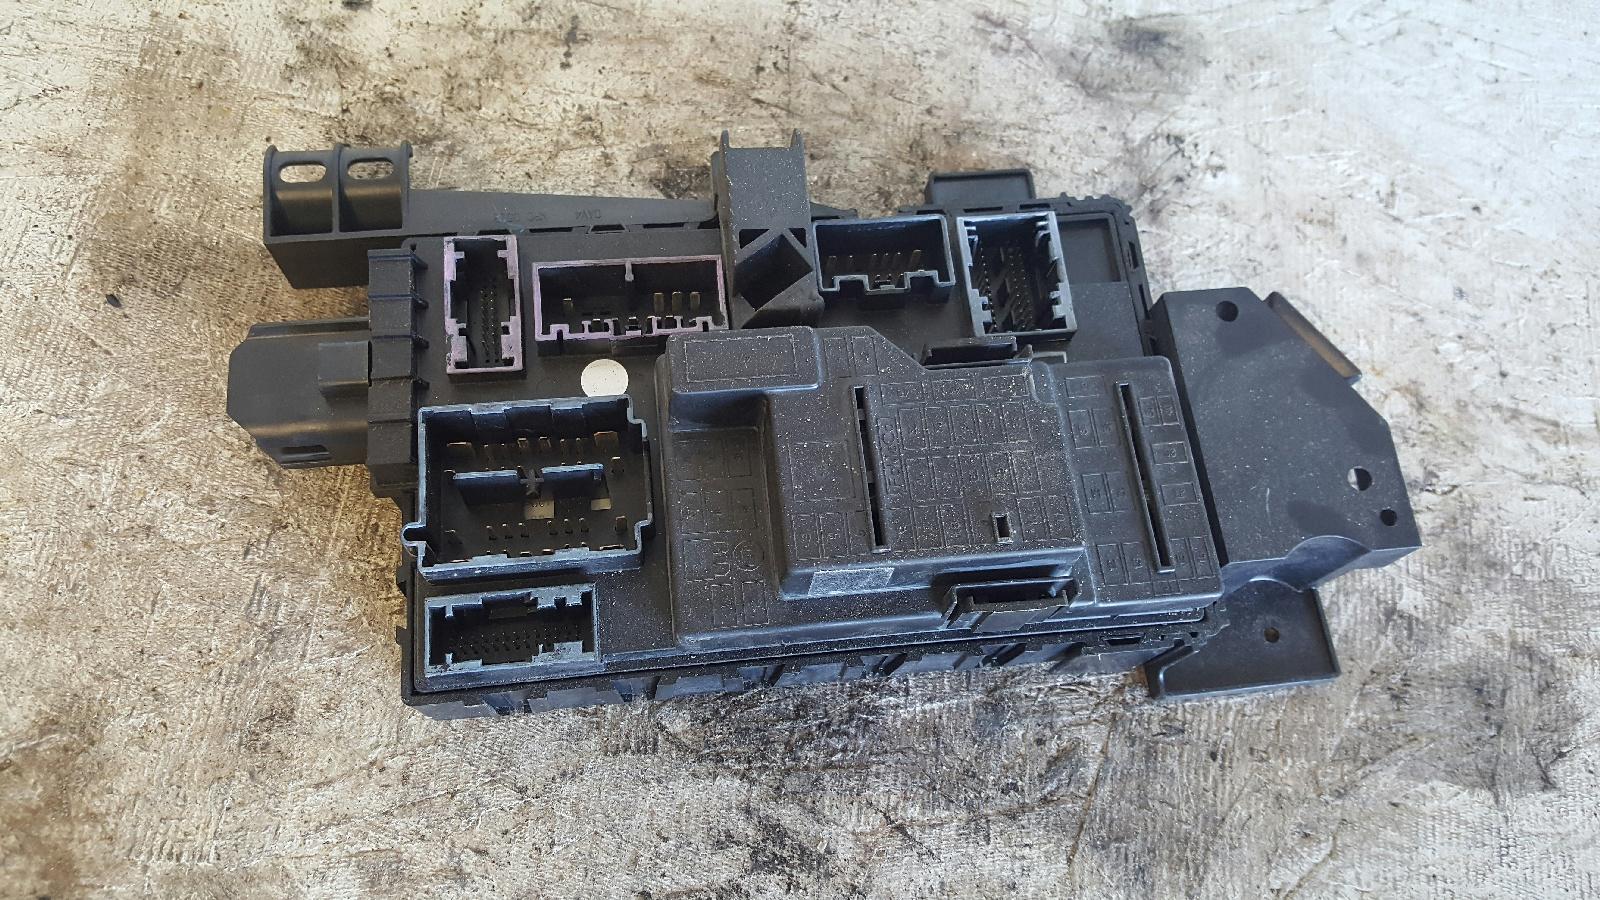 100 2014 Lincoln Mkz Fuse Box Diagram – Lincoln Mkz Fuse Box Diagrams